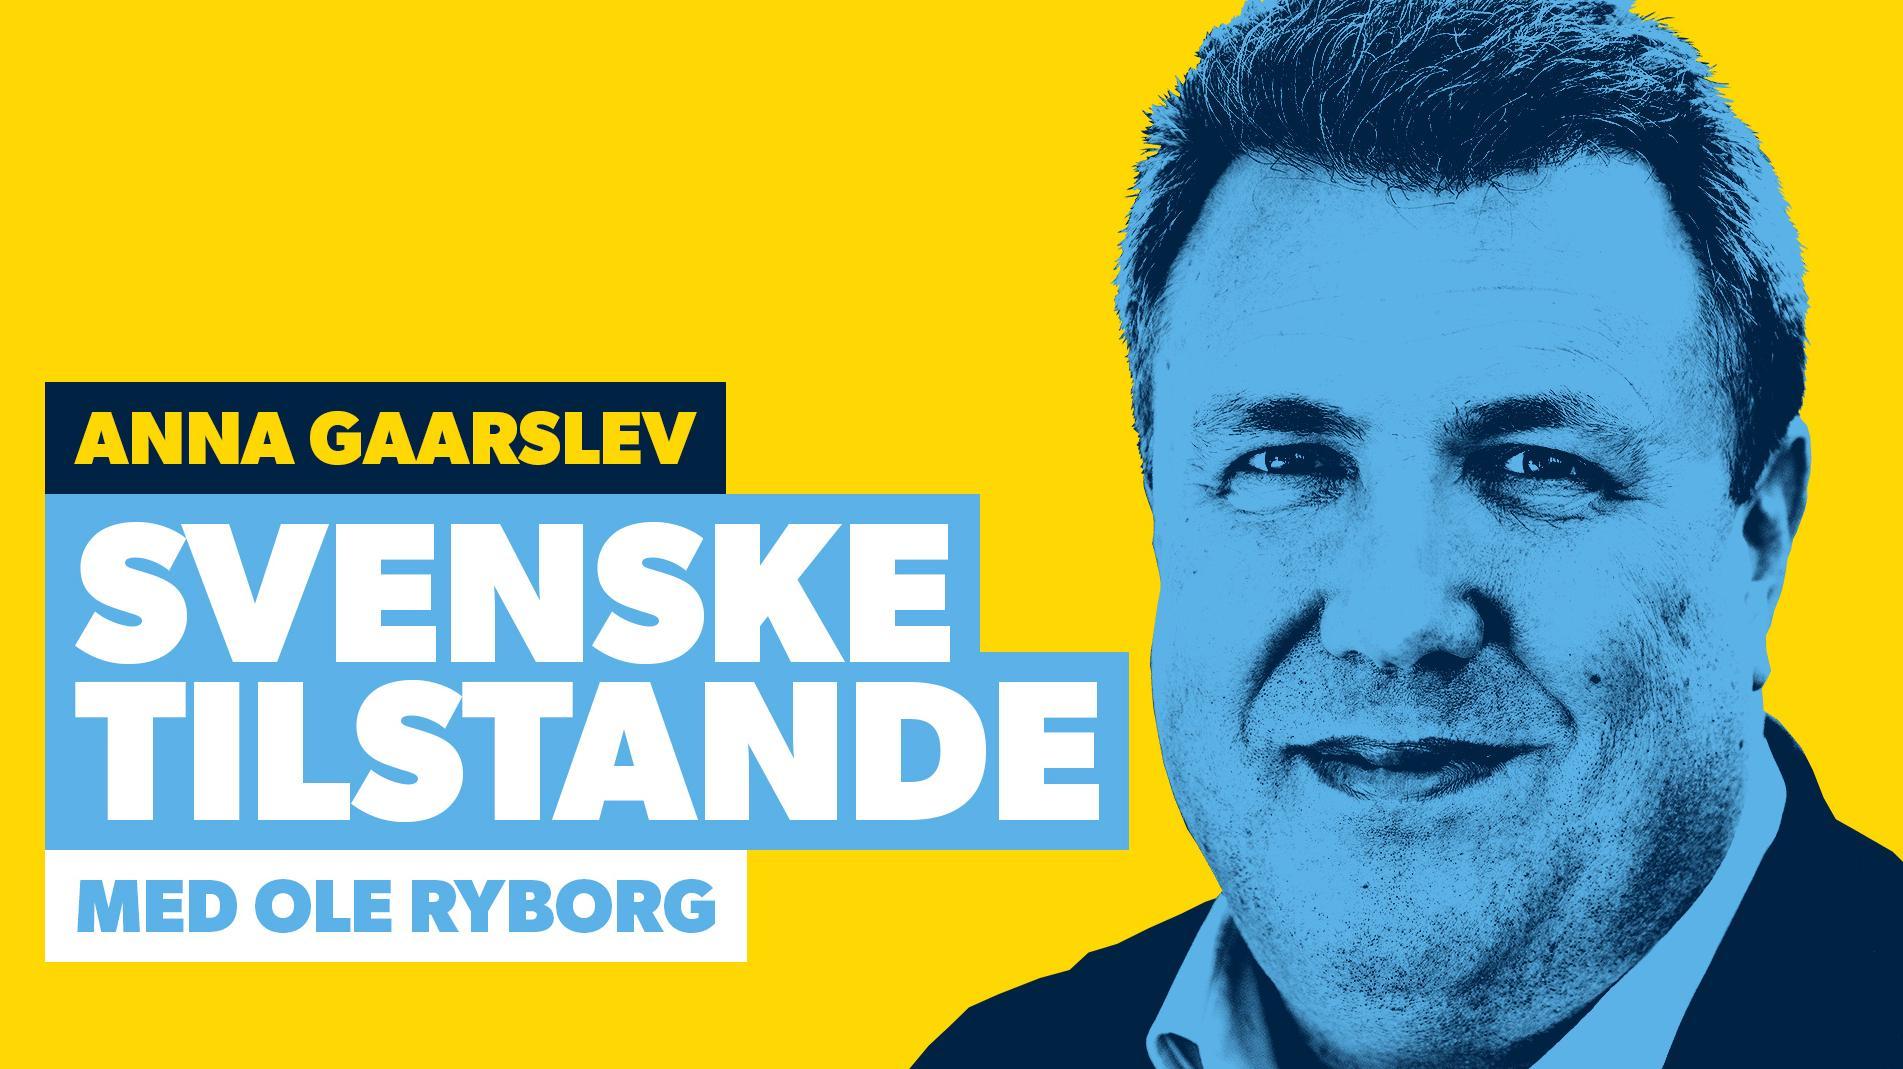 svensk_podcast_ole_16-9_v001.jpg